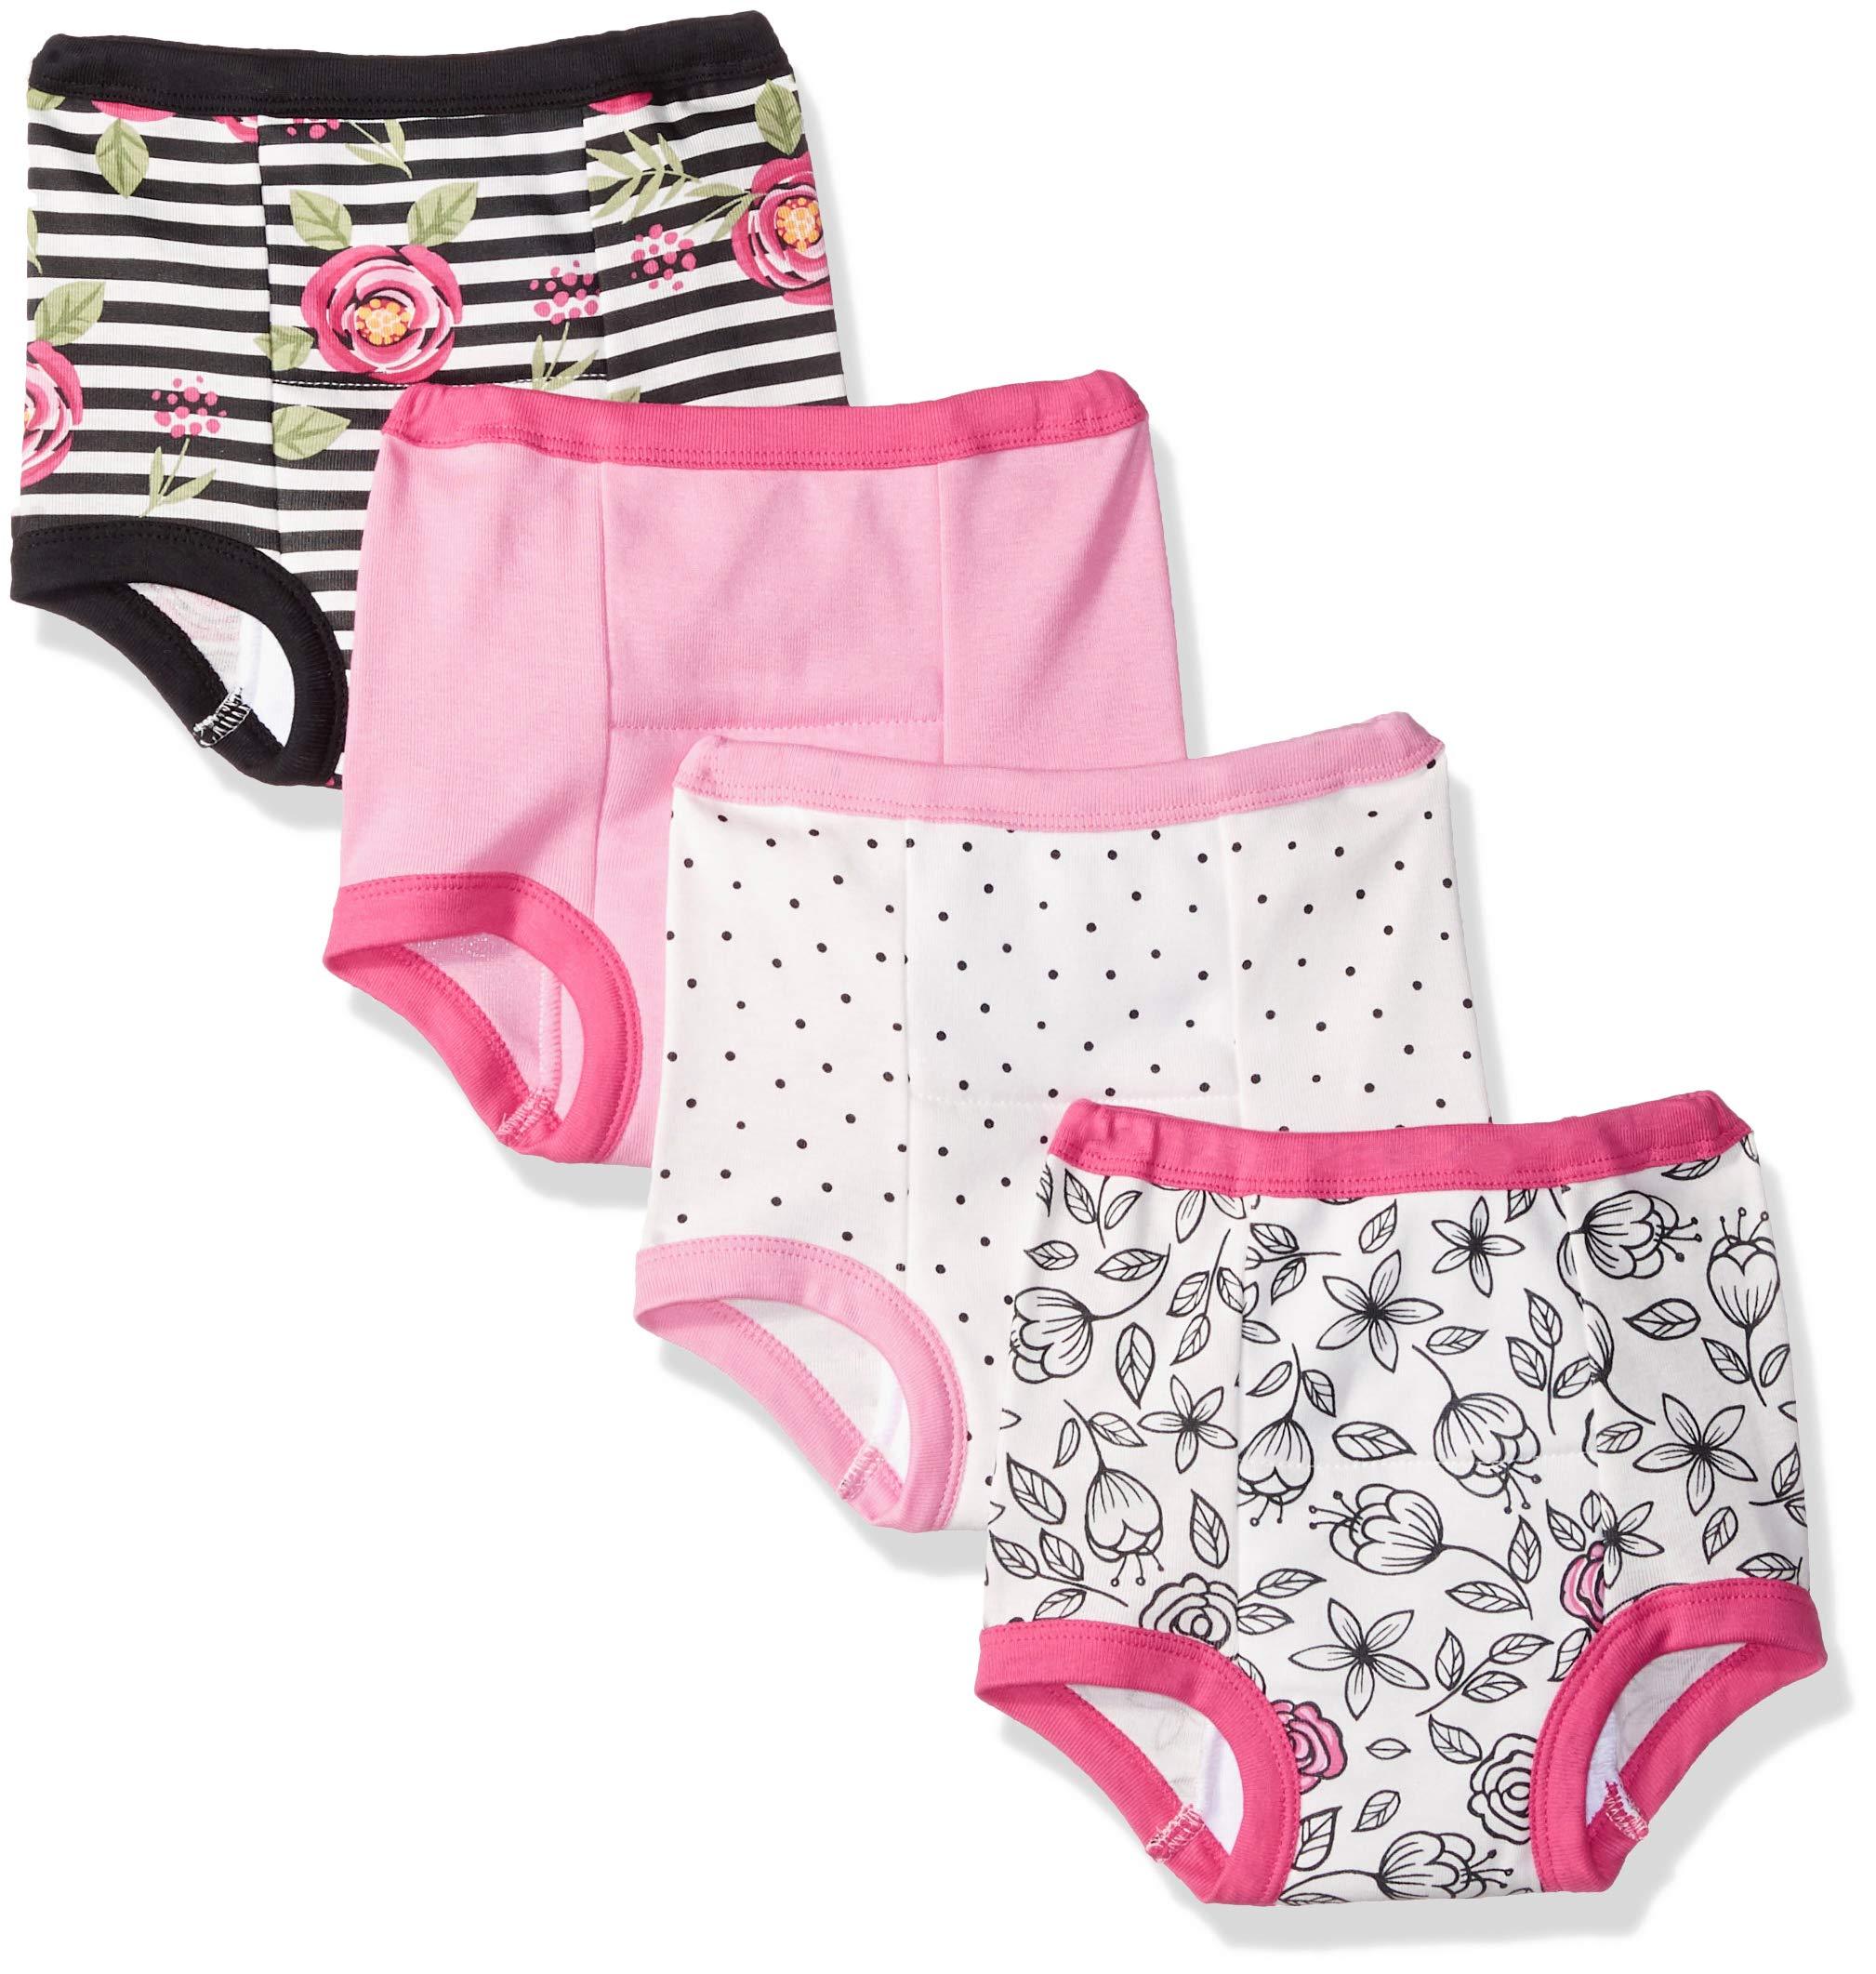 Lamaze Girls' Toddler Organic 4 Pack Training Pants, White, 2T